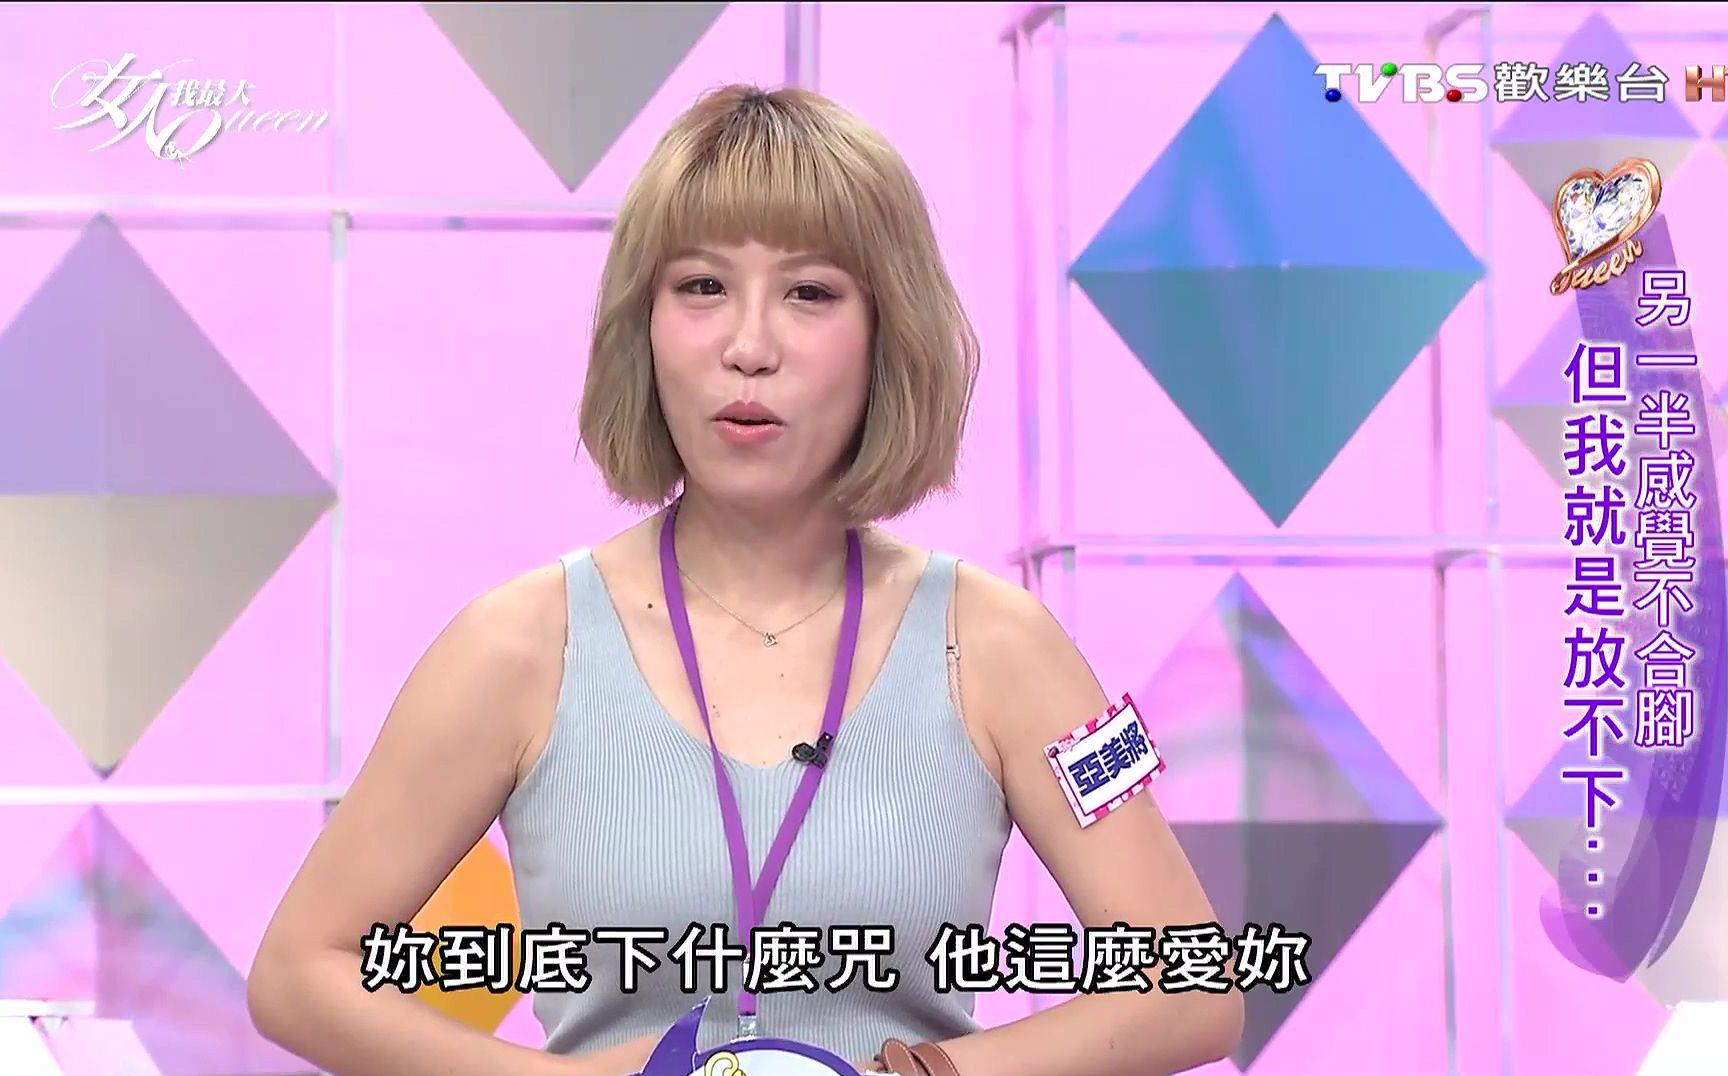 台湾综艺女人我最大_女人我最大20160930_综艺_娱乐_bilibili_哔哩哔哩